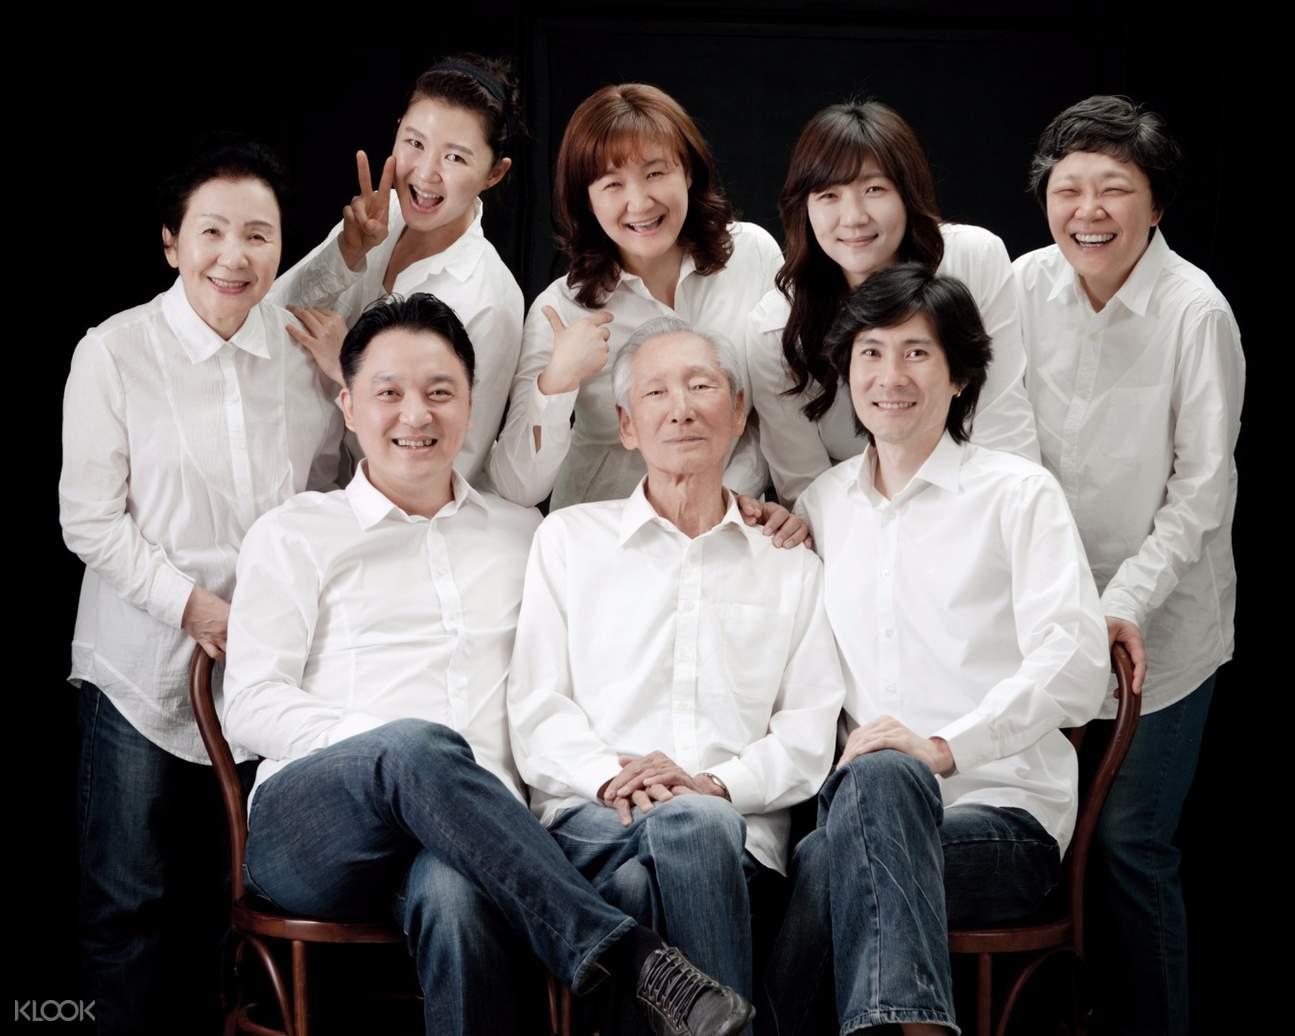 韩国吉安得全家福摄影体验